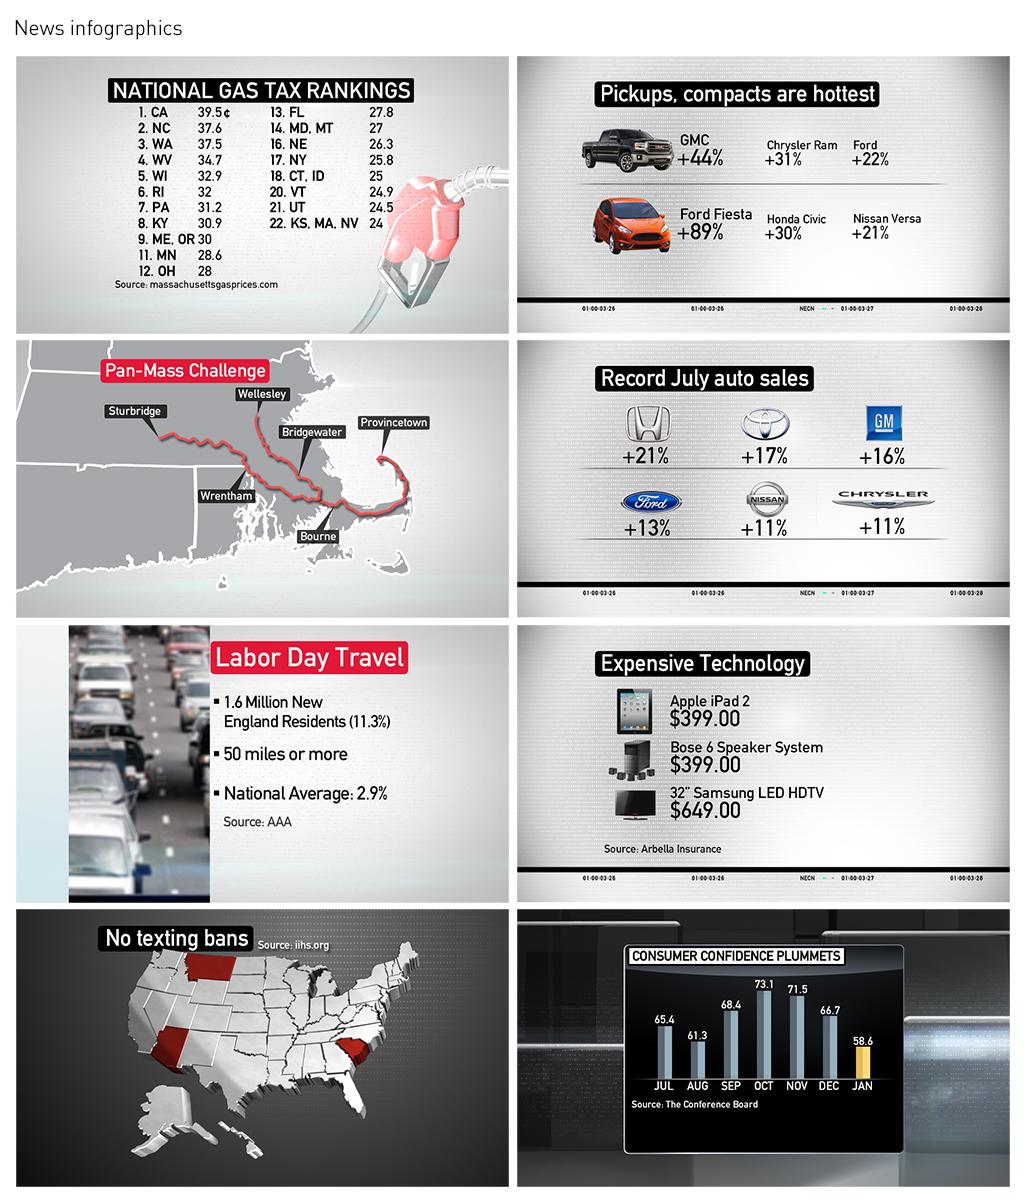 News_Infographics_1